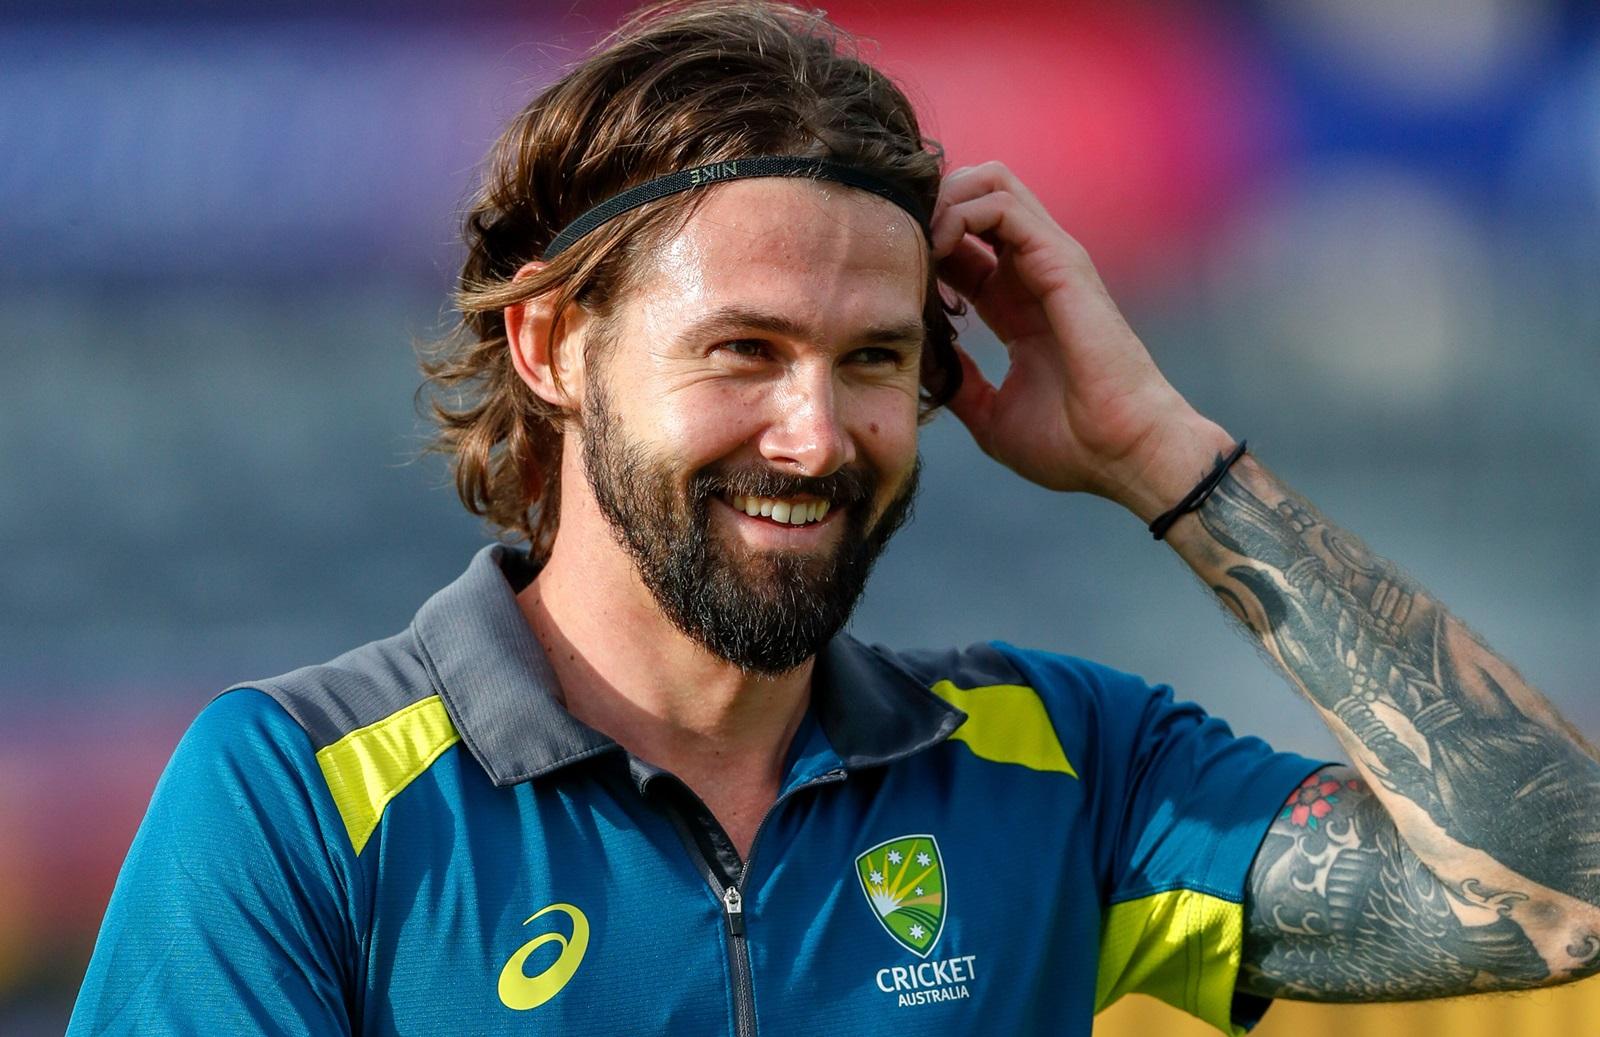 IND vs AUS 2020: ऑस्ट्रेलियाई तेज गेंदबाज केन रिचर्डसन भारत को मानते हैं ऑस्ट्रेलिया के खिलाफ सीरीज जीत की प्रबल दावेदार 1